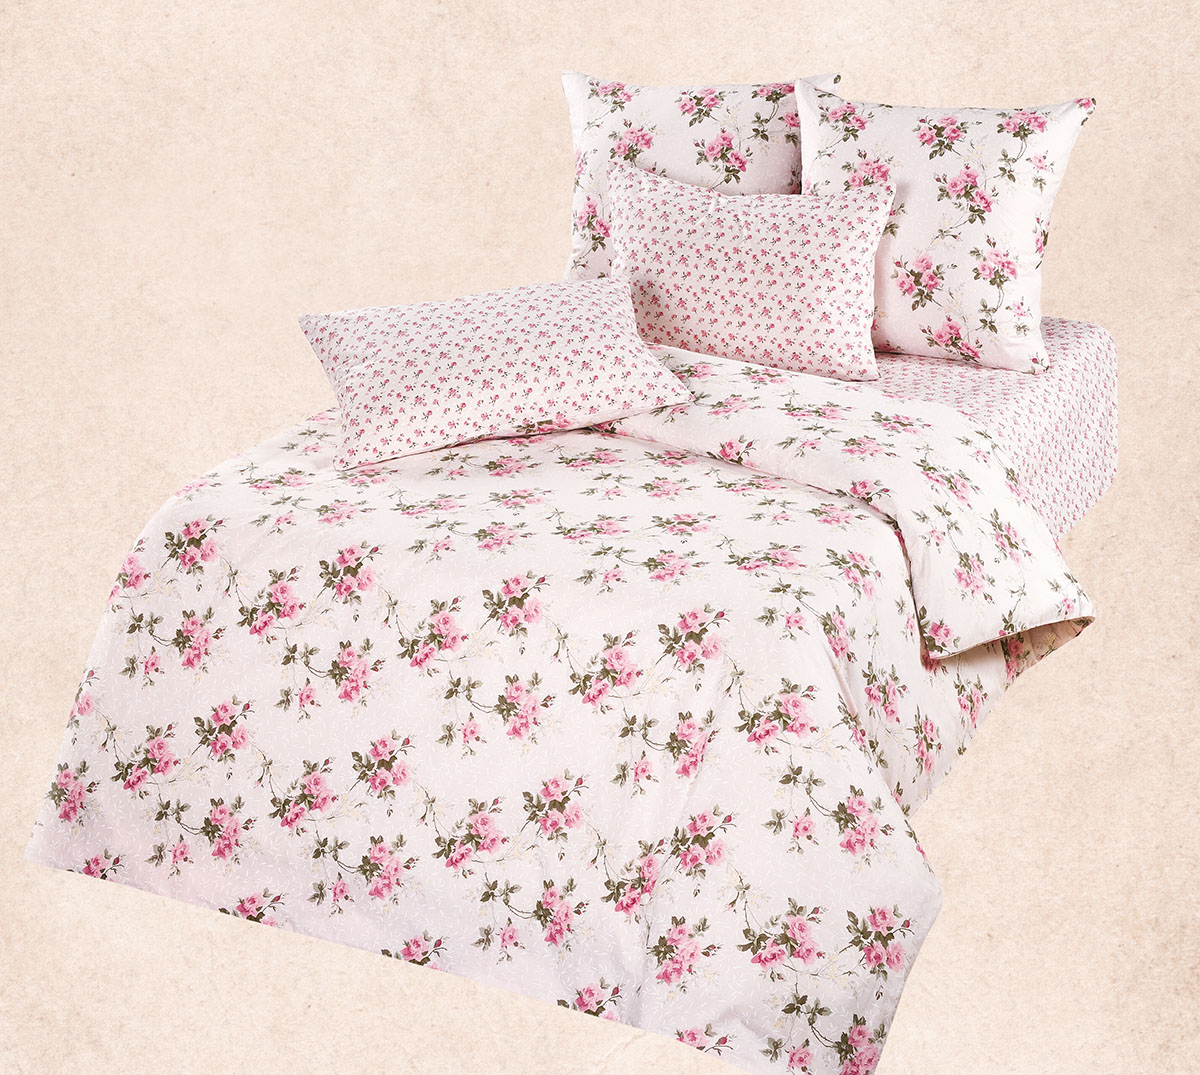 Комплект  Роза , размер 1,5-спальный - Постельное белье артикул: 9071